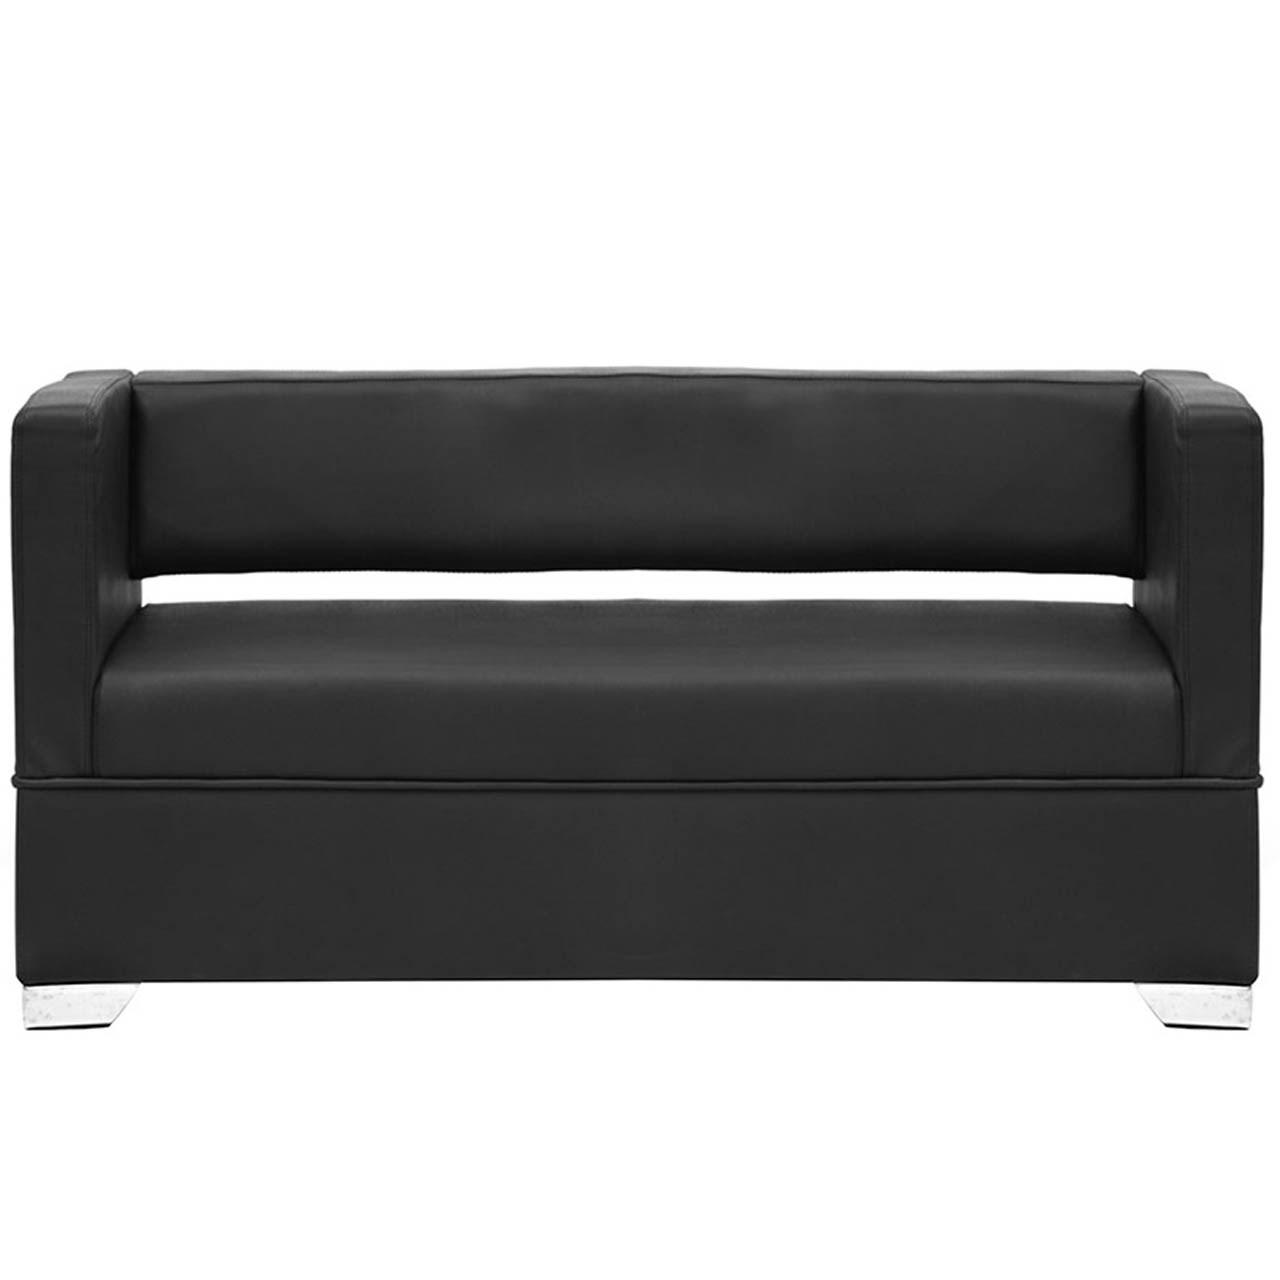 صندلی اداری چرمی راد سیستم مدل W205-2